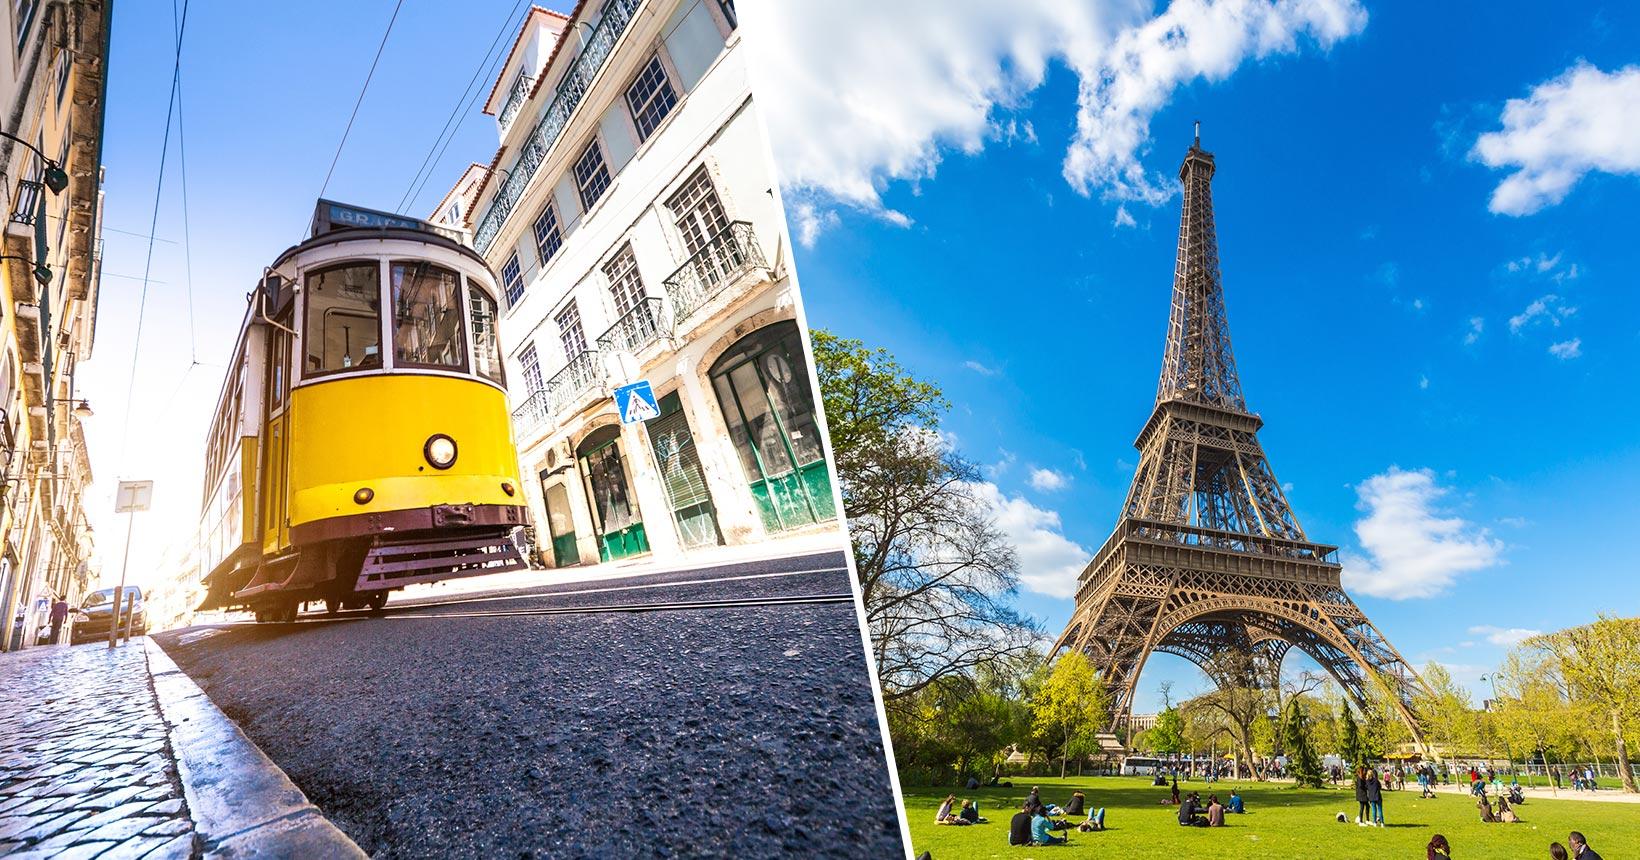 Voos para Lisboa e Paris na mesma viagem a partir de R$ 2.161 saindo do Salvador, Porto Alegre, São Paulo e mais cidades!